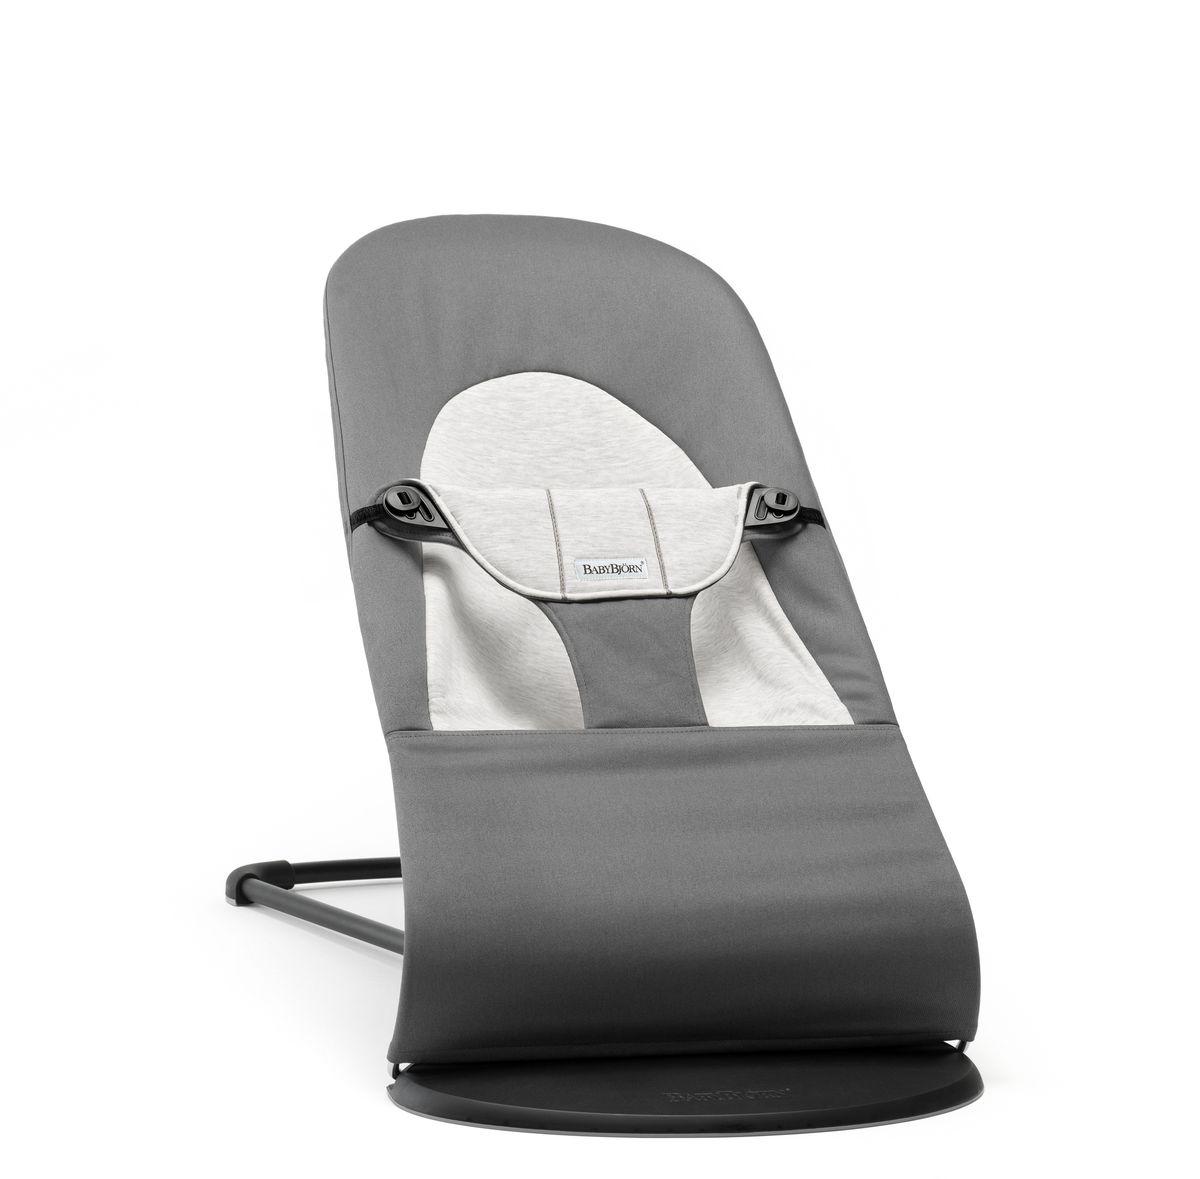 Кресло-шезлонг Balance Soft работает только на радости – не нужно никаких батареек! Покачивание кресла-шезлонга обеспечивается за счет движений вашего ребенка. Покачивание доставляет ребенку радость, а также естественным образом развивает его моторные навыки и умение удерживать равновесие. Благодаря эргономичному дизайну Кресло-шезлонг Balance Soft обеспечит необходимую поддержку головы и спины младенца. Тканевое сиденье принимает форму тела, оптимально распределяя вес малыша. Это обеспечивает хорошую поддержку, которая особенно важна для маленьких детей, чьи мышцы ещё полностью не развились. Кресло-шезлонг Balance Soft может использоваться как в качестве шезлонга, так и в качестве удобного кресла вплоть до двух лет. С рождения и до того времени, как ребёнок научится самостоятельно сидеть, используется сторона шезлонга. Когда ребёнок научится без помощи сидеть и ходить, ткань можно перевернуть, чтобы преобразовать изделие в удобное кресло. Кресло-шезлонг Balance Soft может быть...